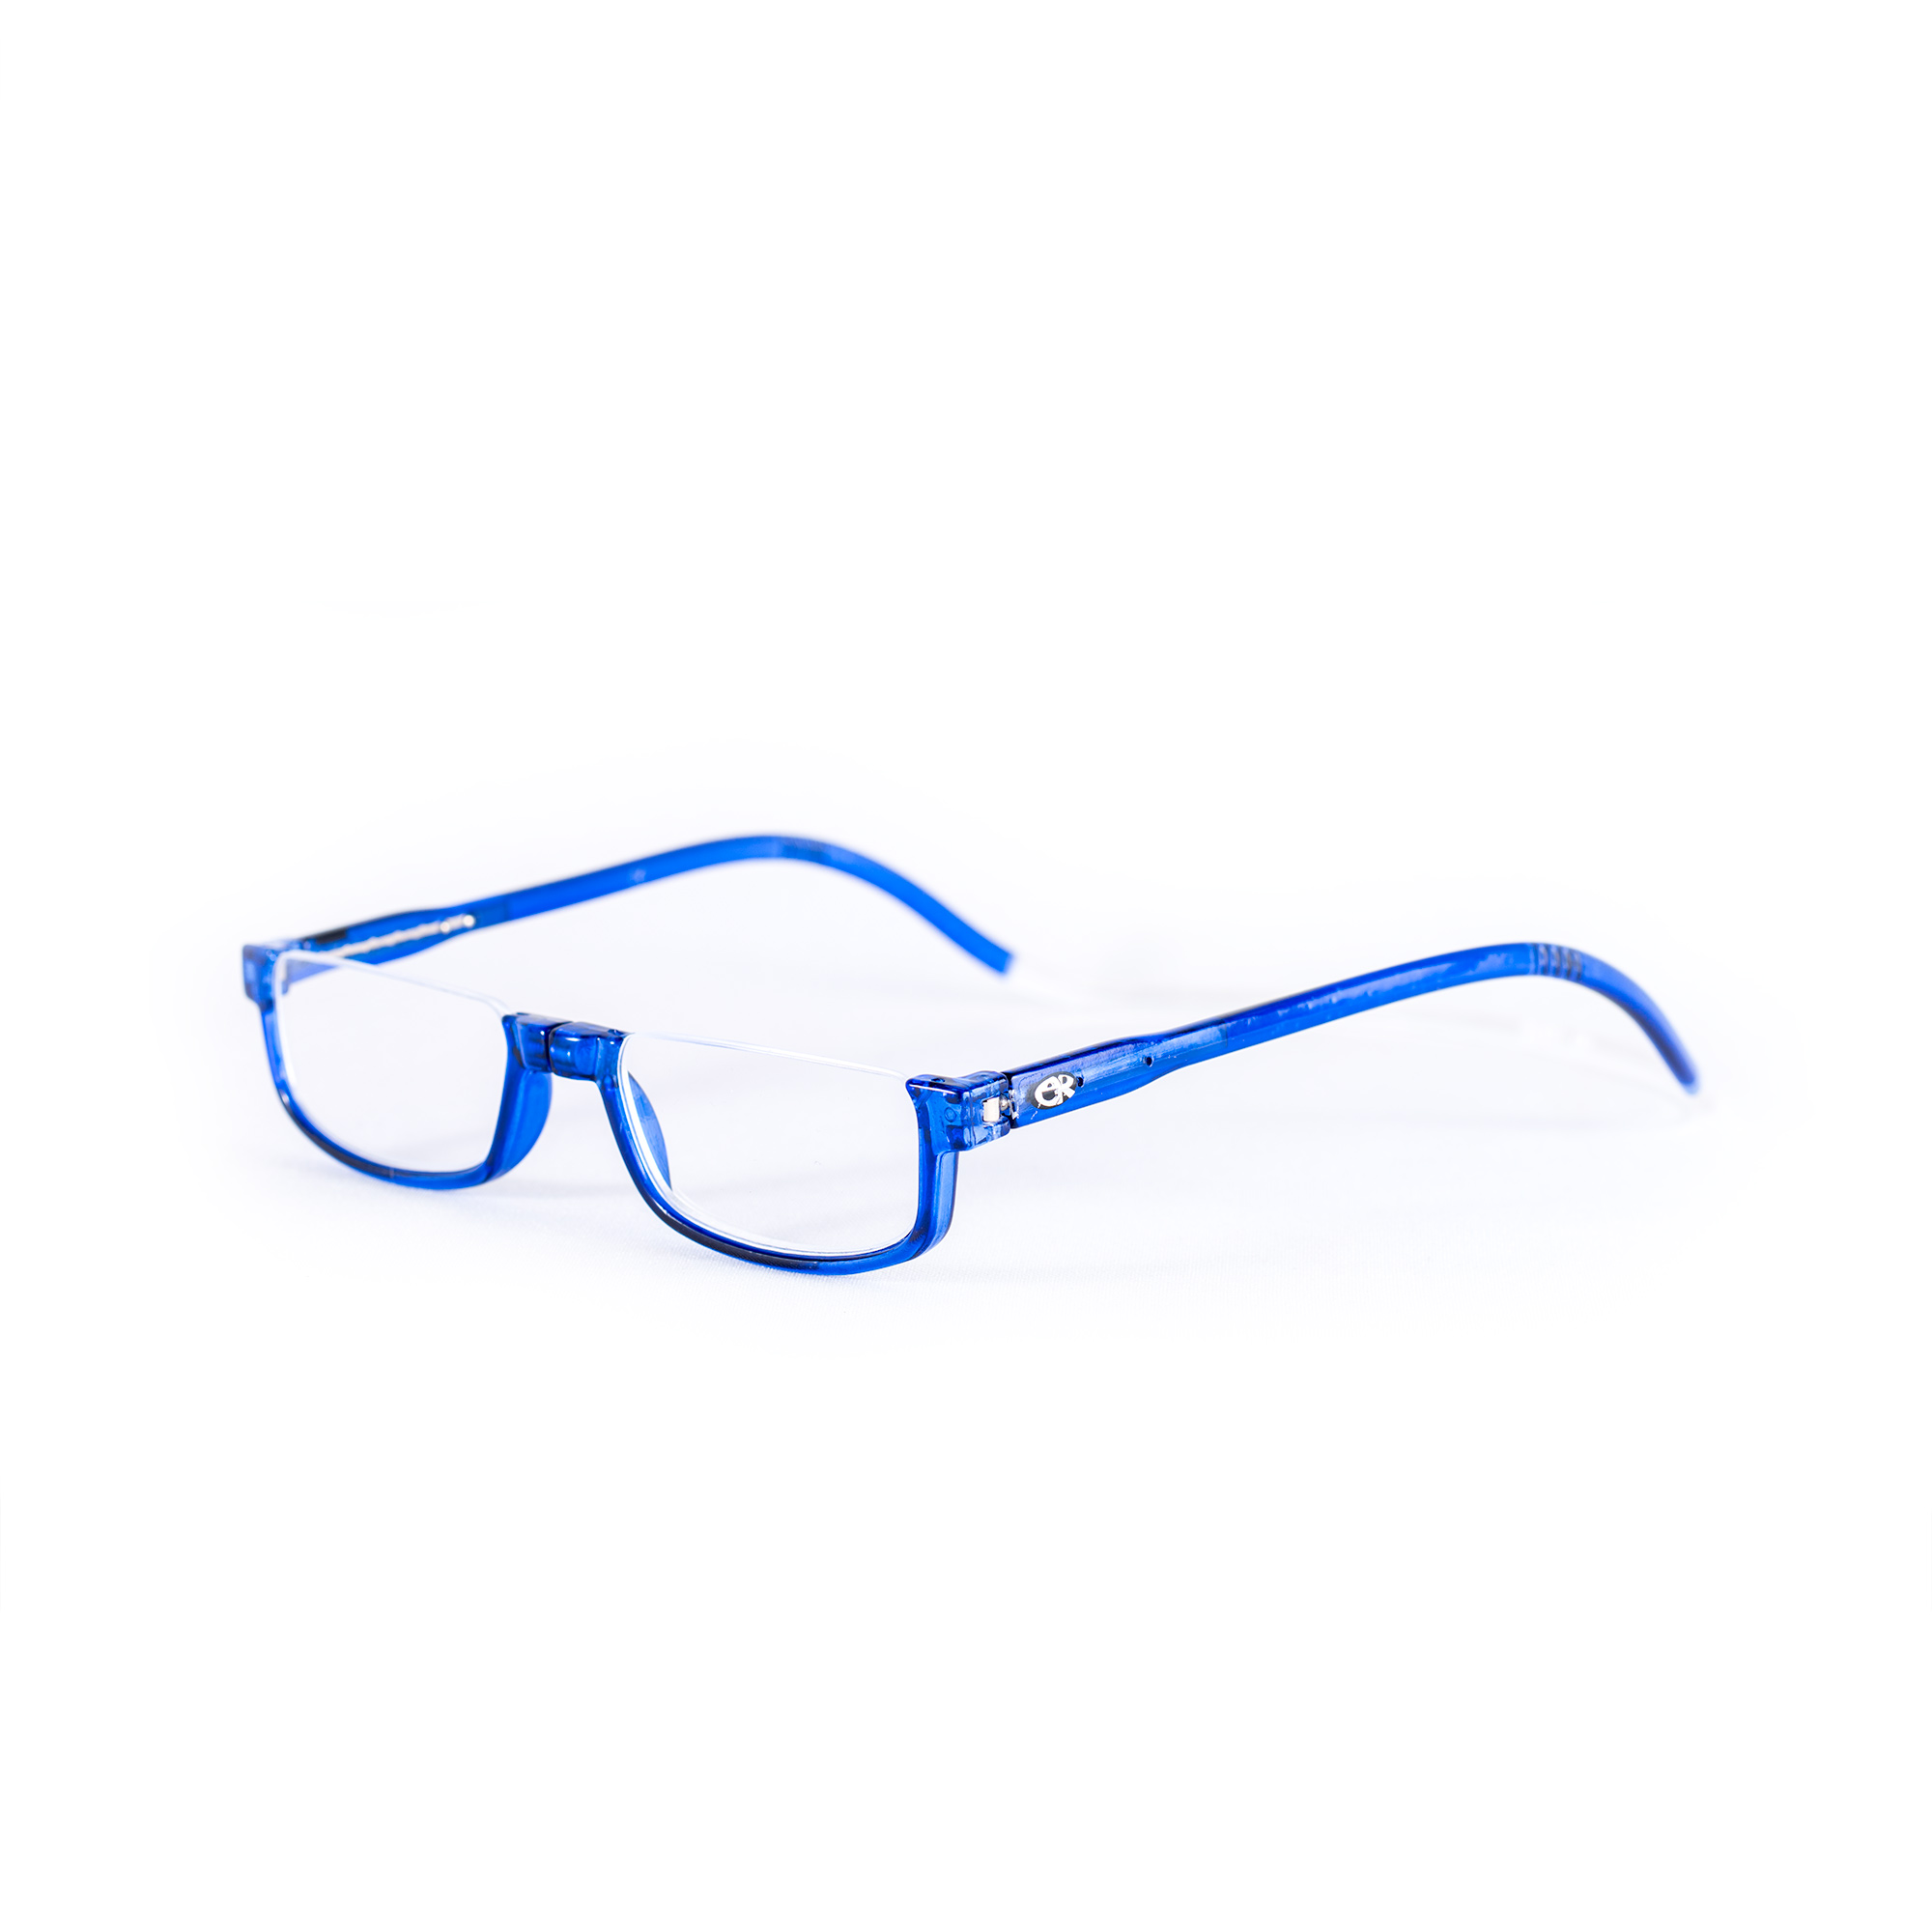 Easy Reader magneetleesbril leesbril met magneetsluiting halfrond blauw